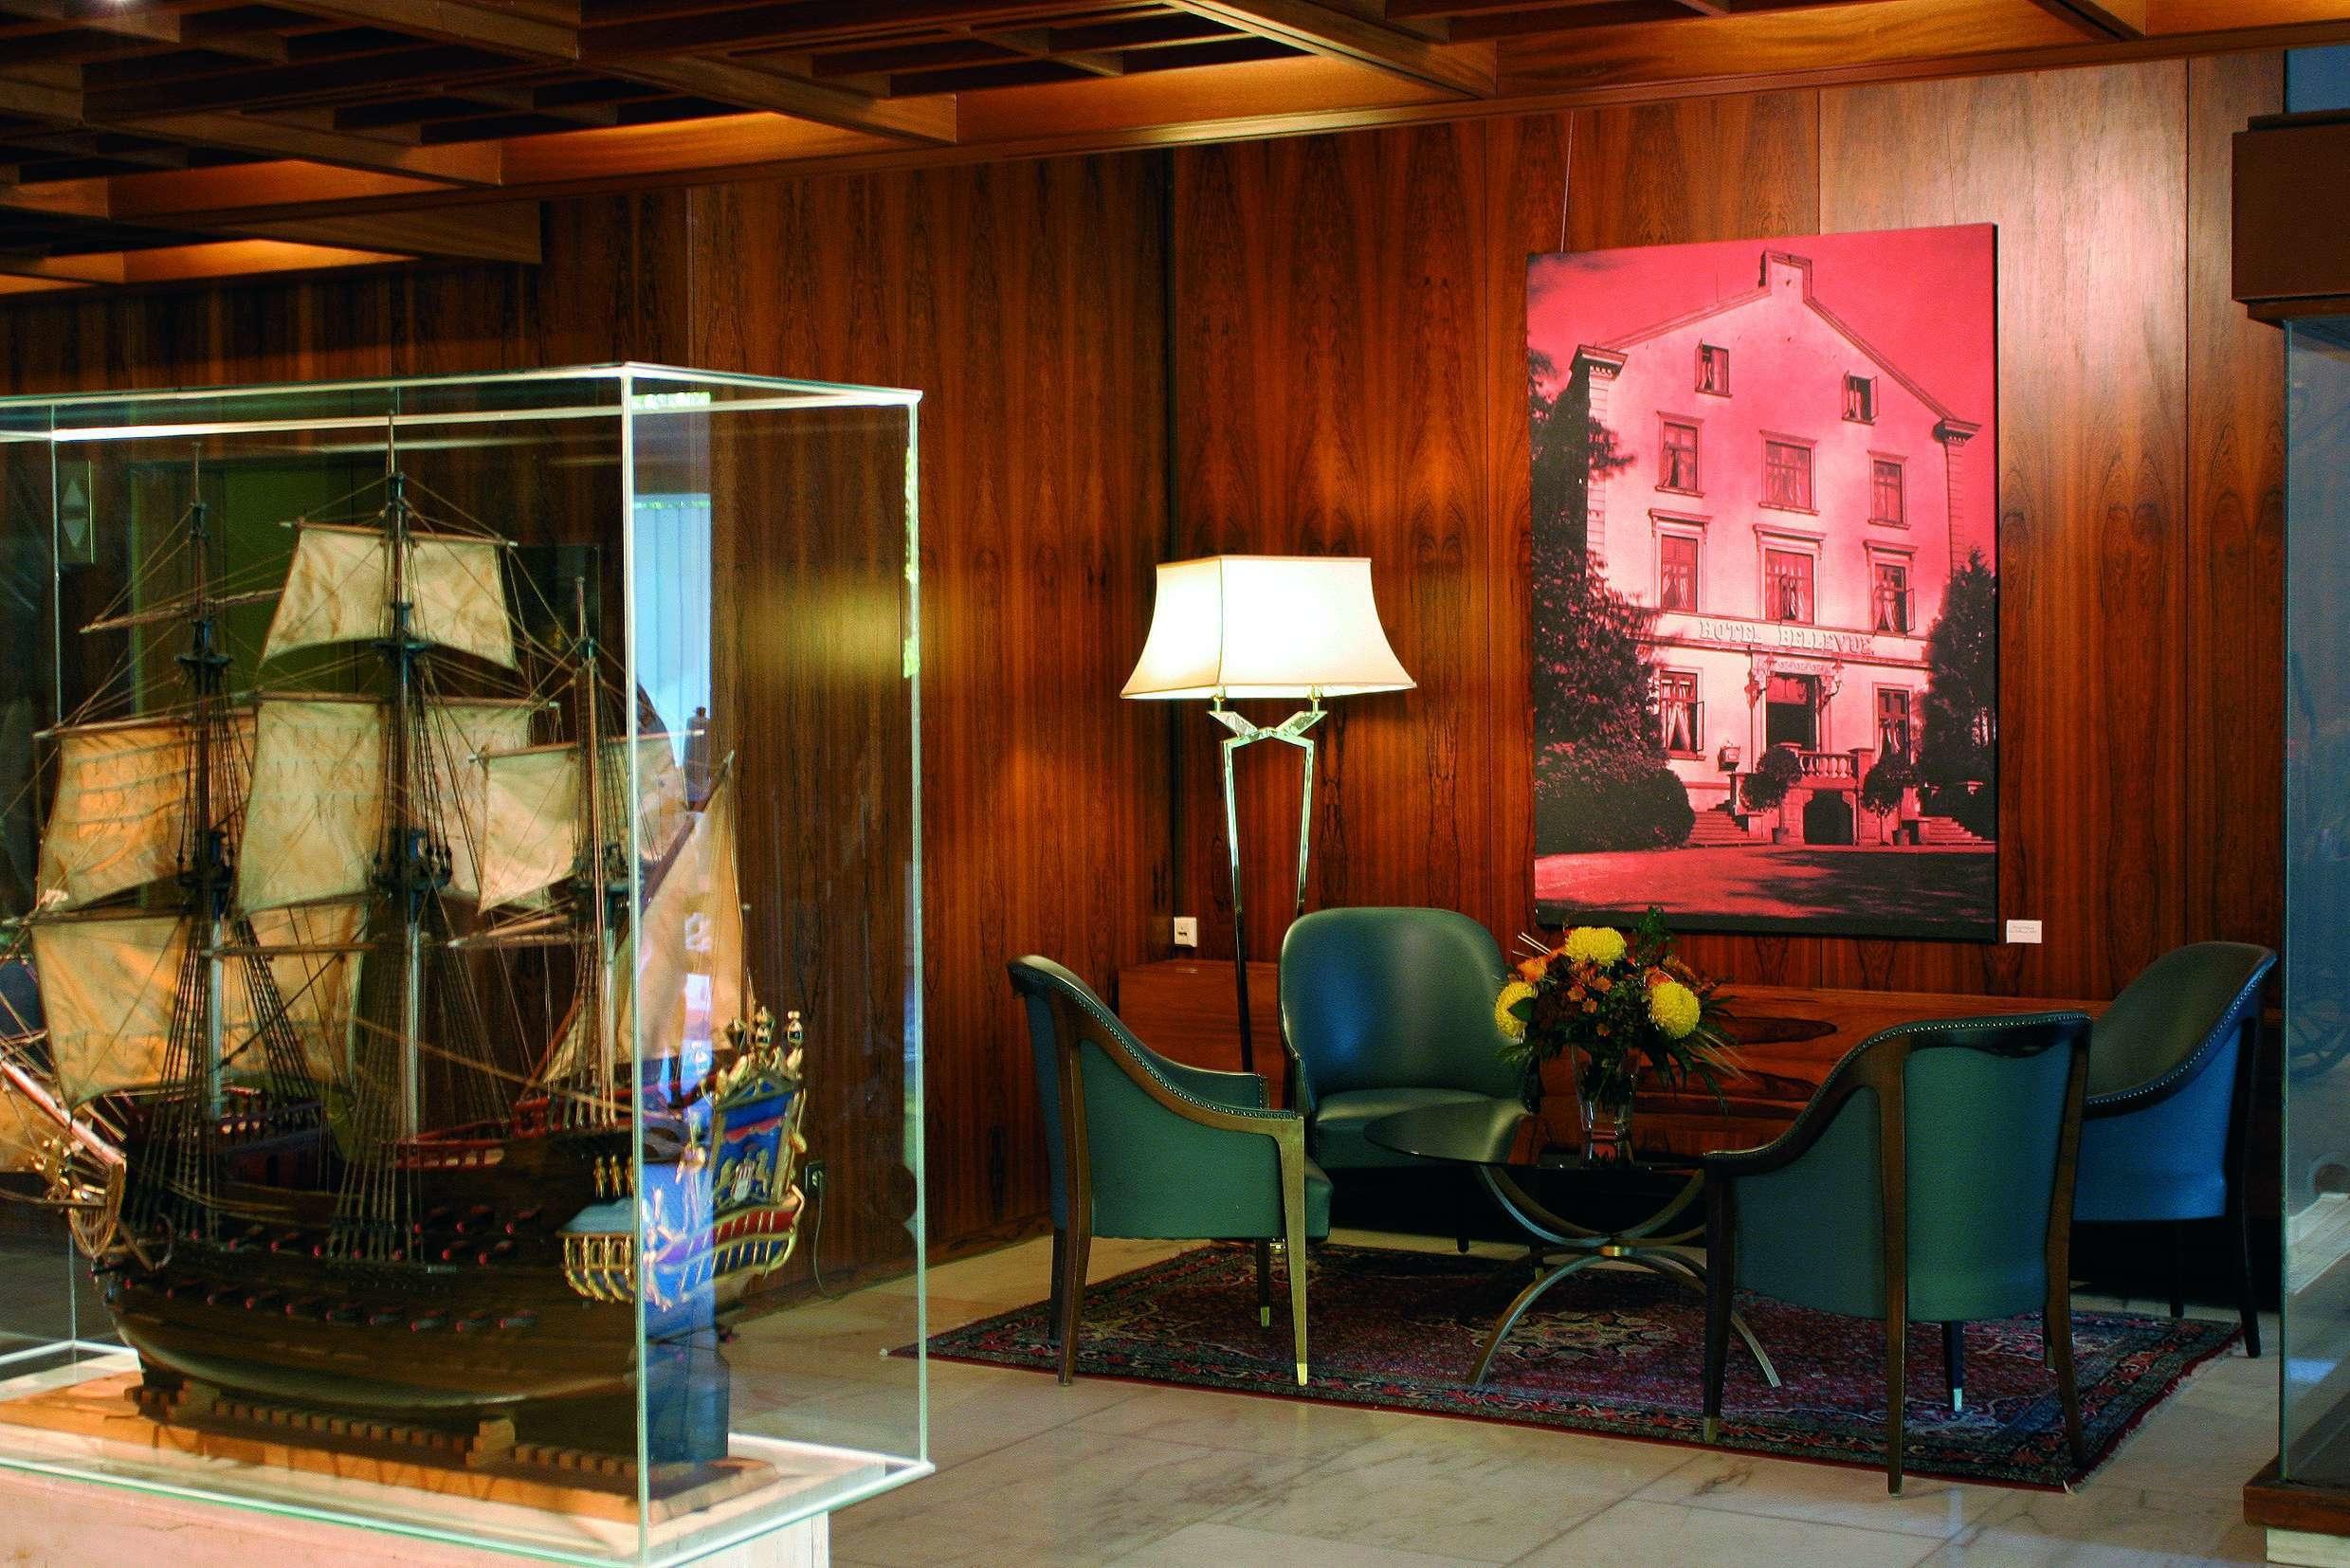 maritim hotel bellevue kiel kiel bismarckallee 2 ffnungszeiten angebote. Black Bedroom Furniture Sets. Home Design Ideas